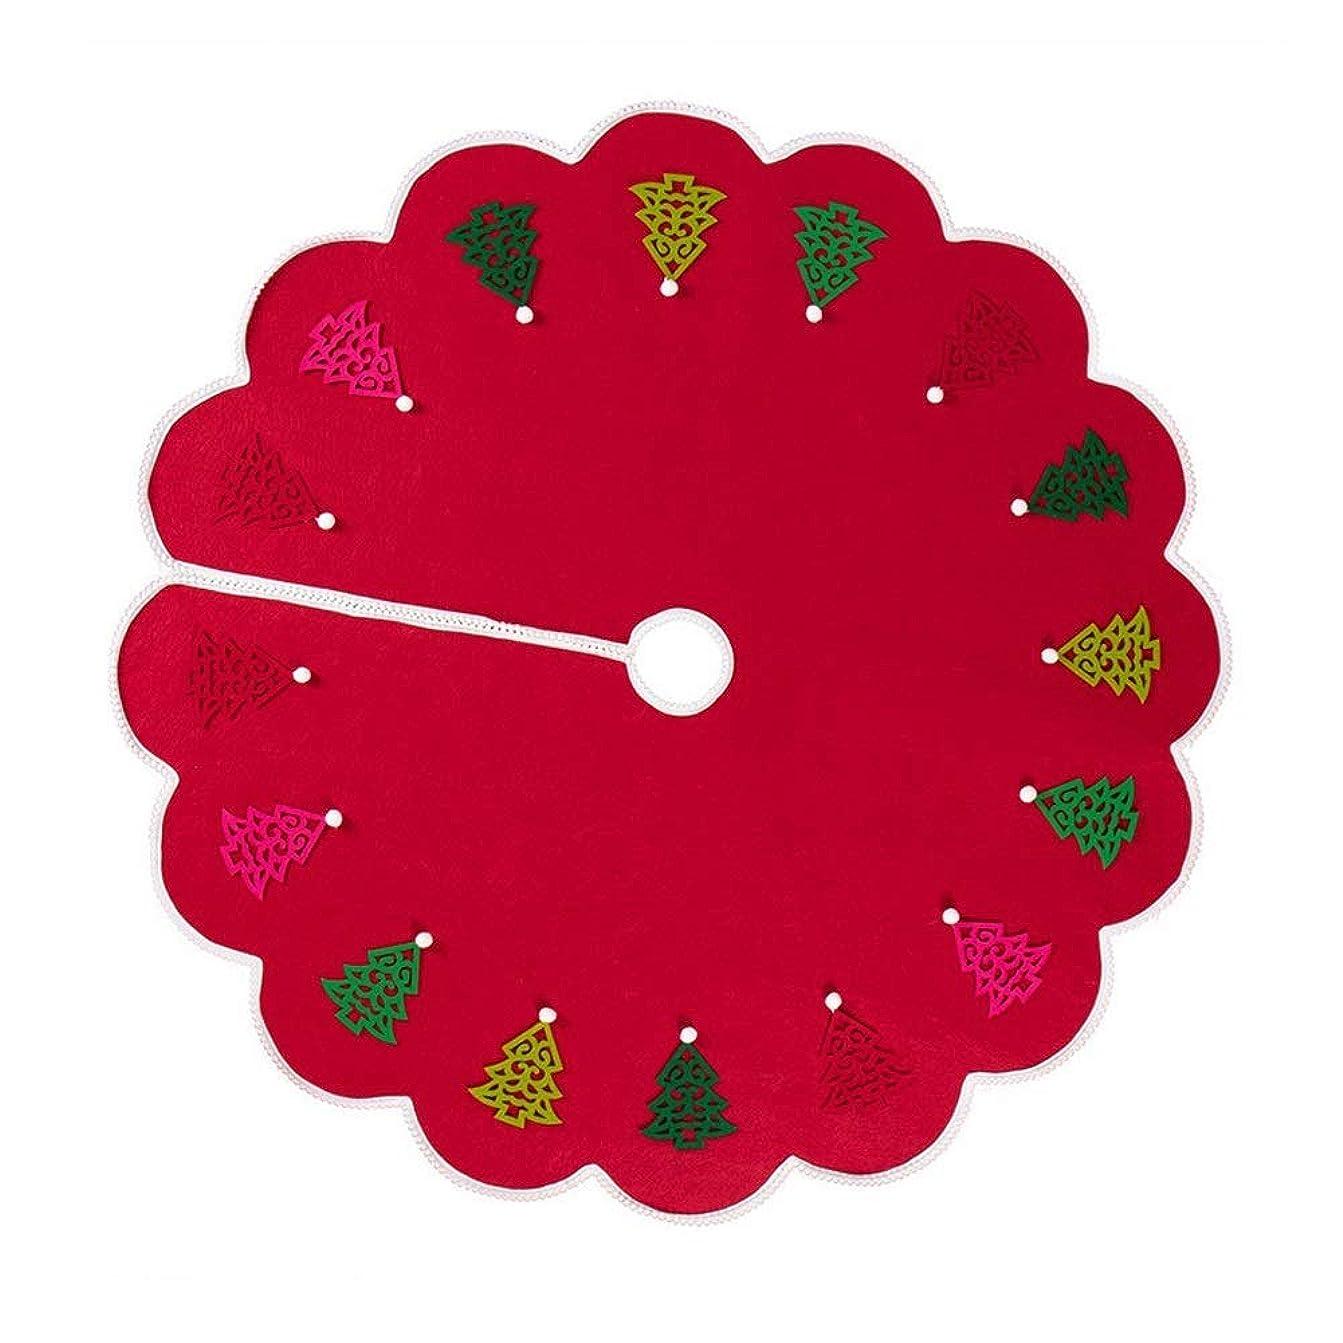 パシフィック夕食を食べるゴールクリスマスツリードレスレッドクリスマスの飾りやアクセサリークリスマスツリーエプロンハッピーホリデー - 120センチメートル